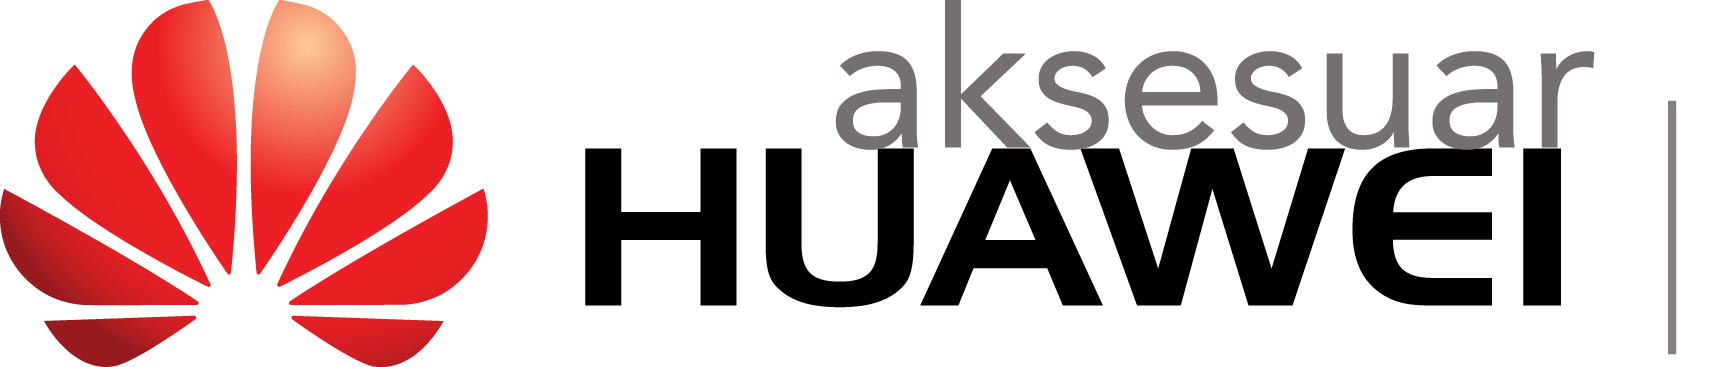 HuaweiAksesuar.Com